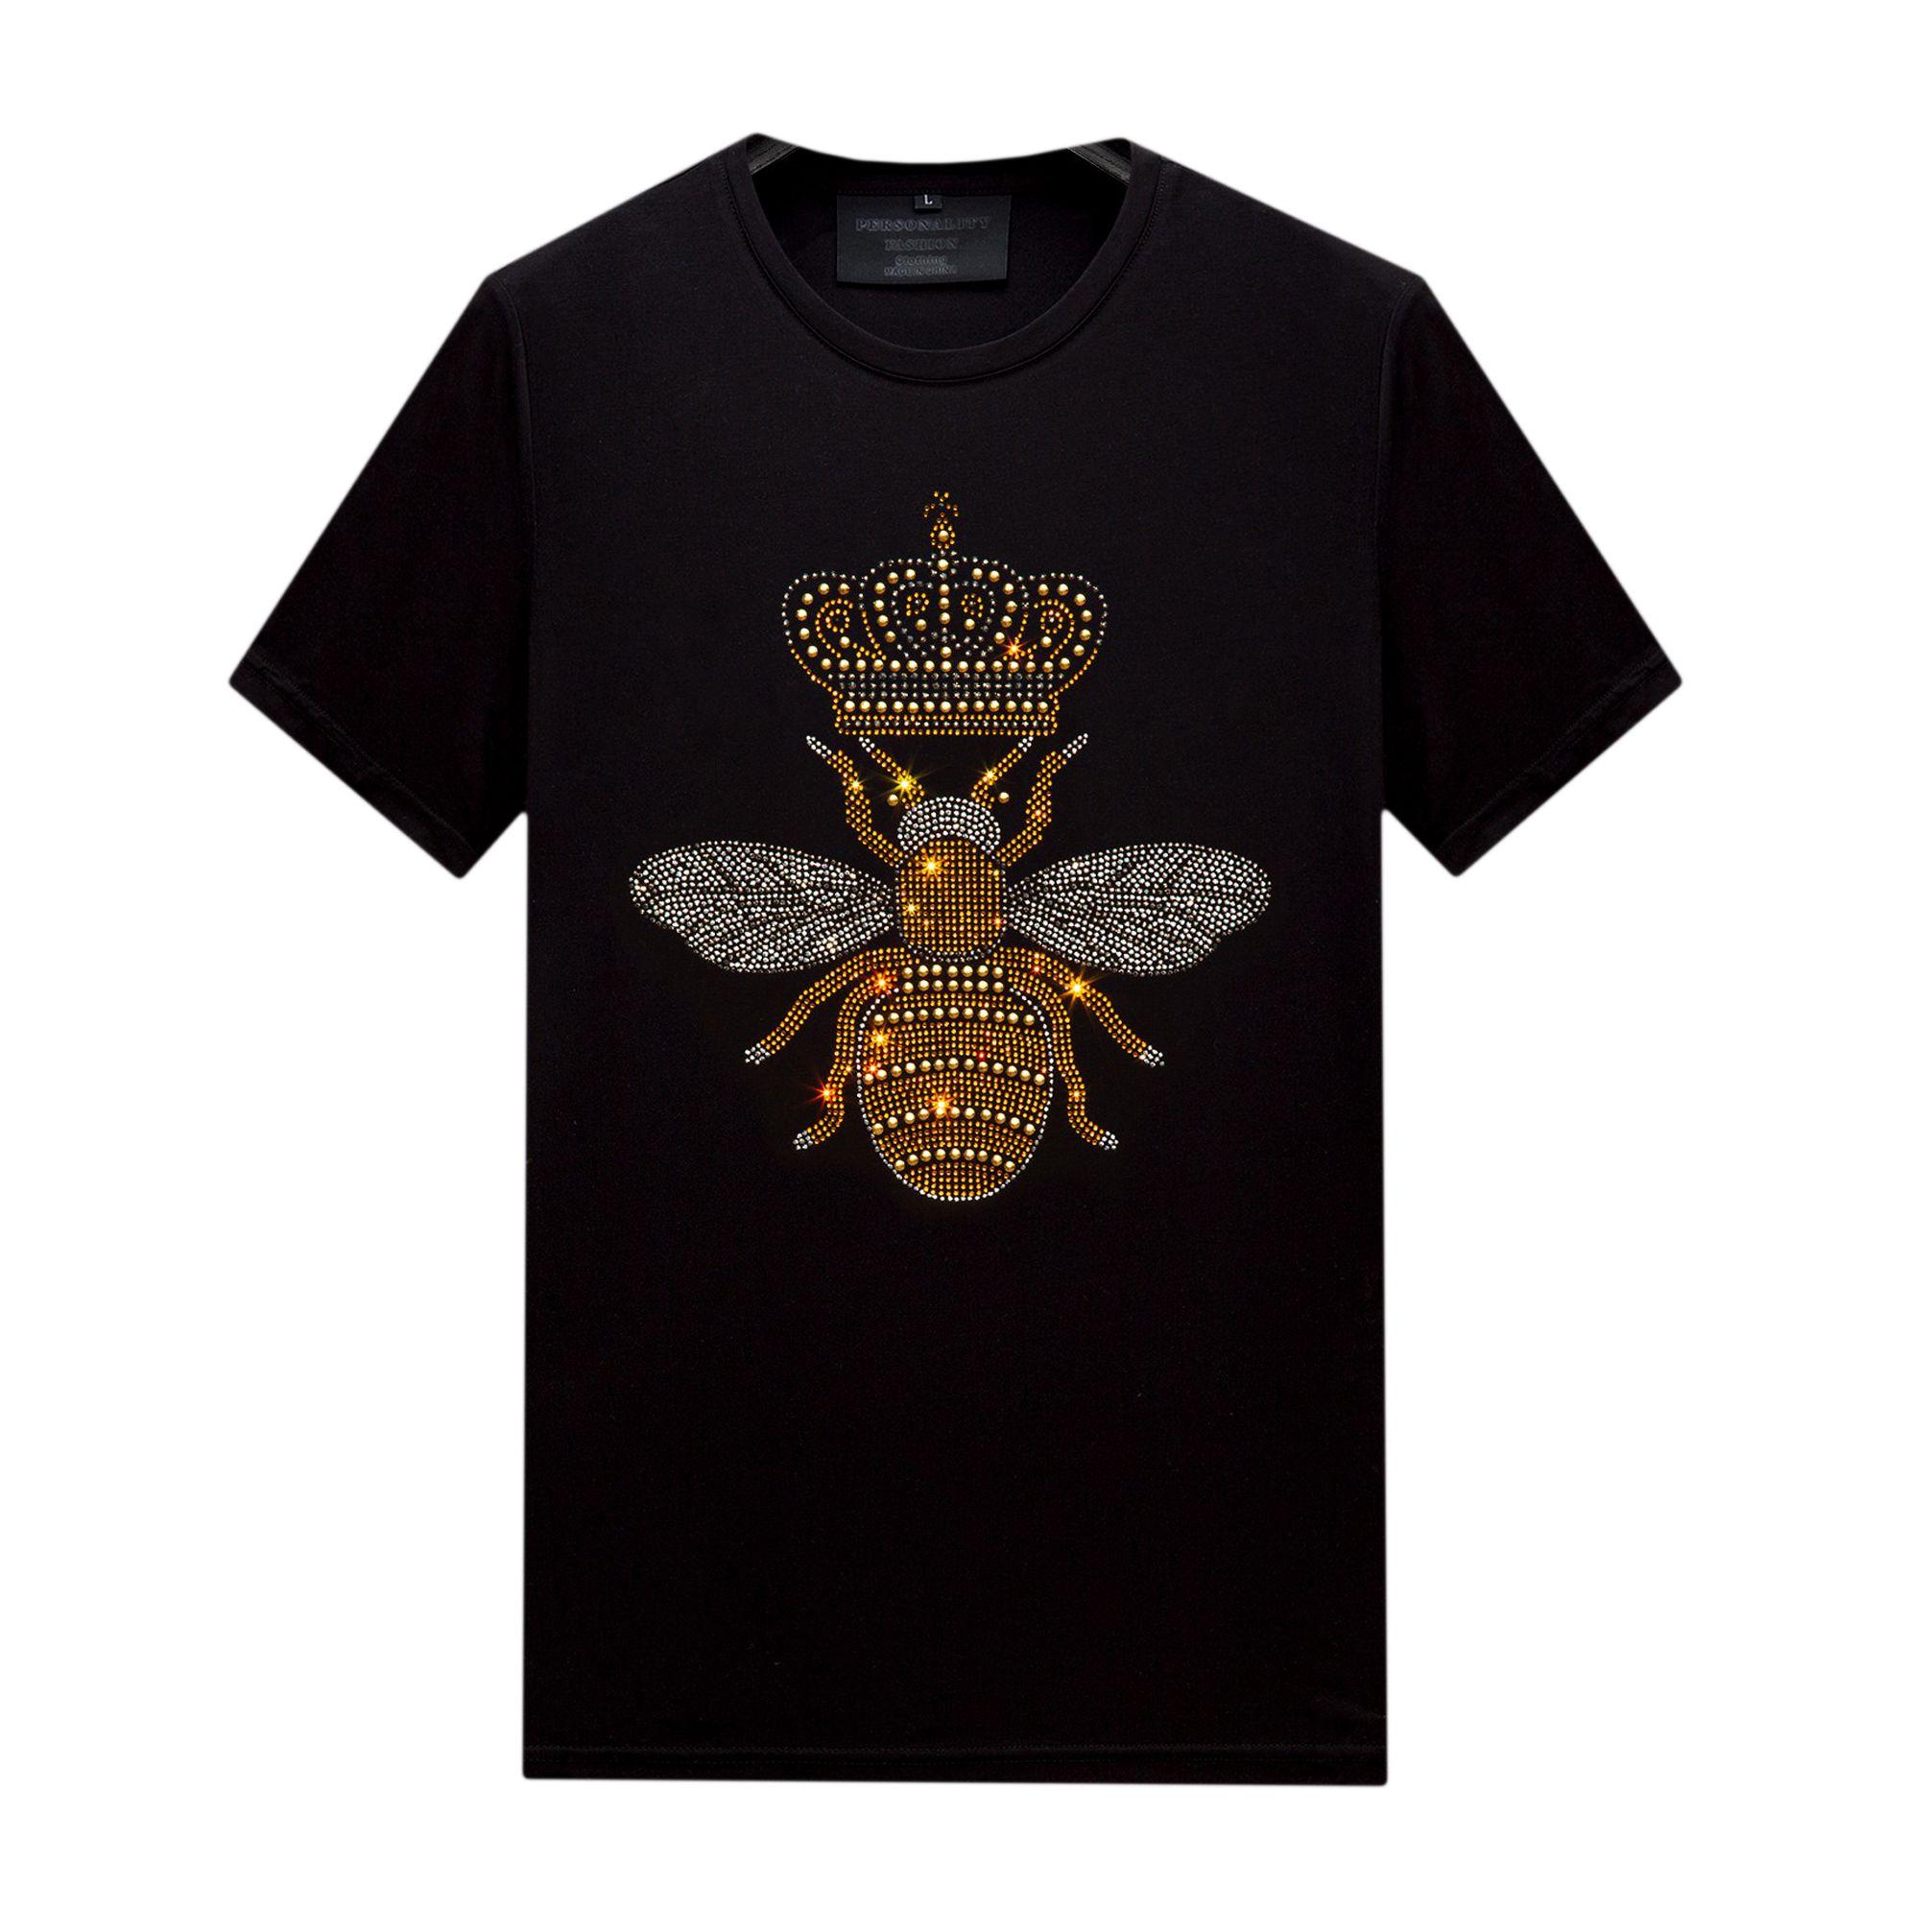 Yaz Kişiselleştirilmiş Erkek Tops Tasarımcı Rhinestone T-Shirt Kısa Kollu Ince Crewneck Casual Gömlek Tee Merserize Pamuk